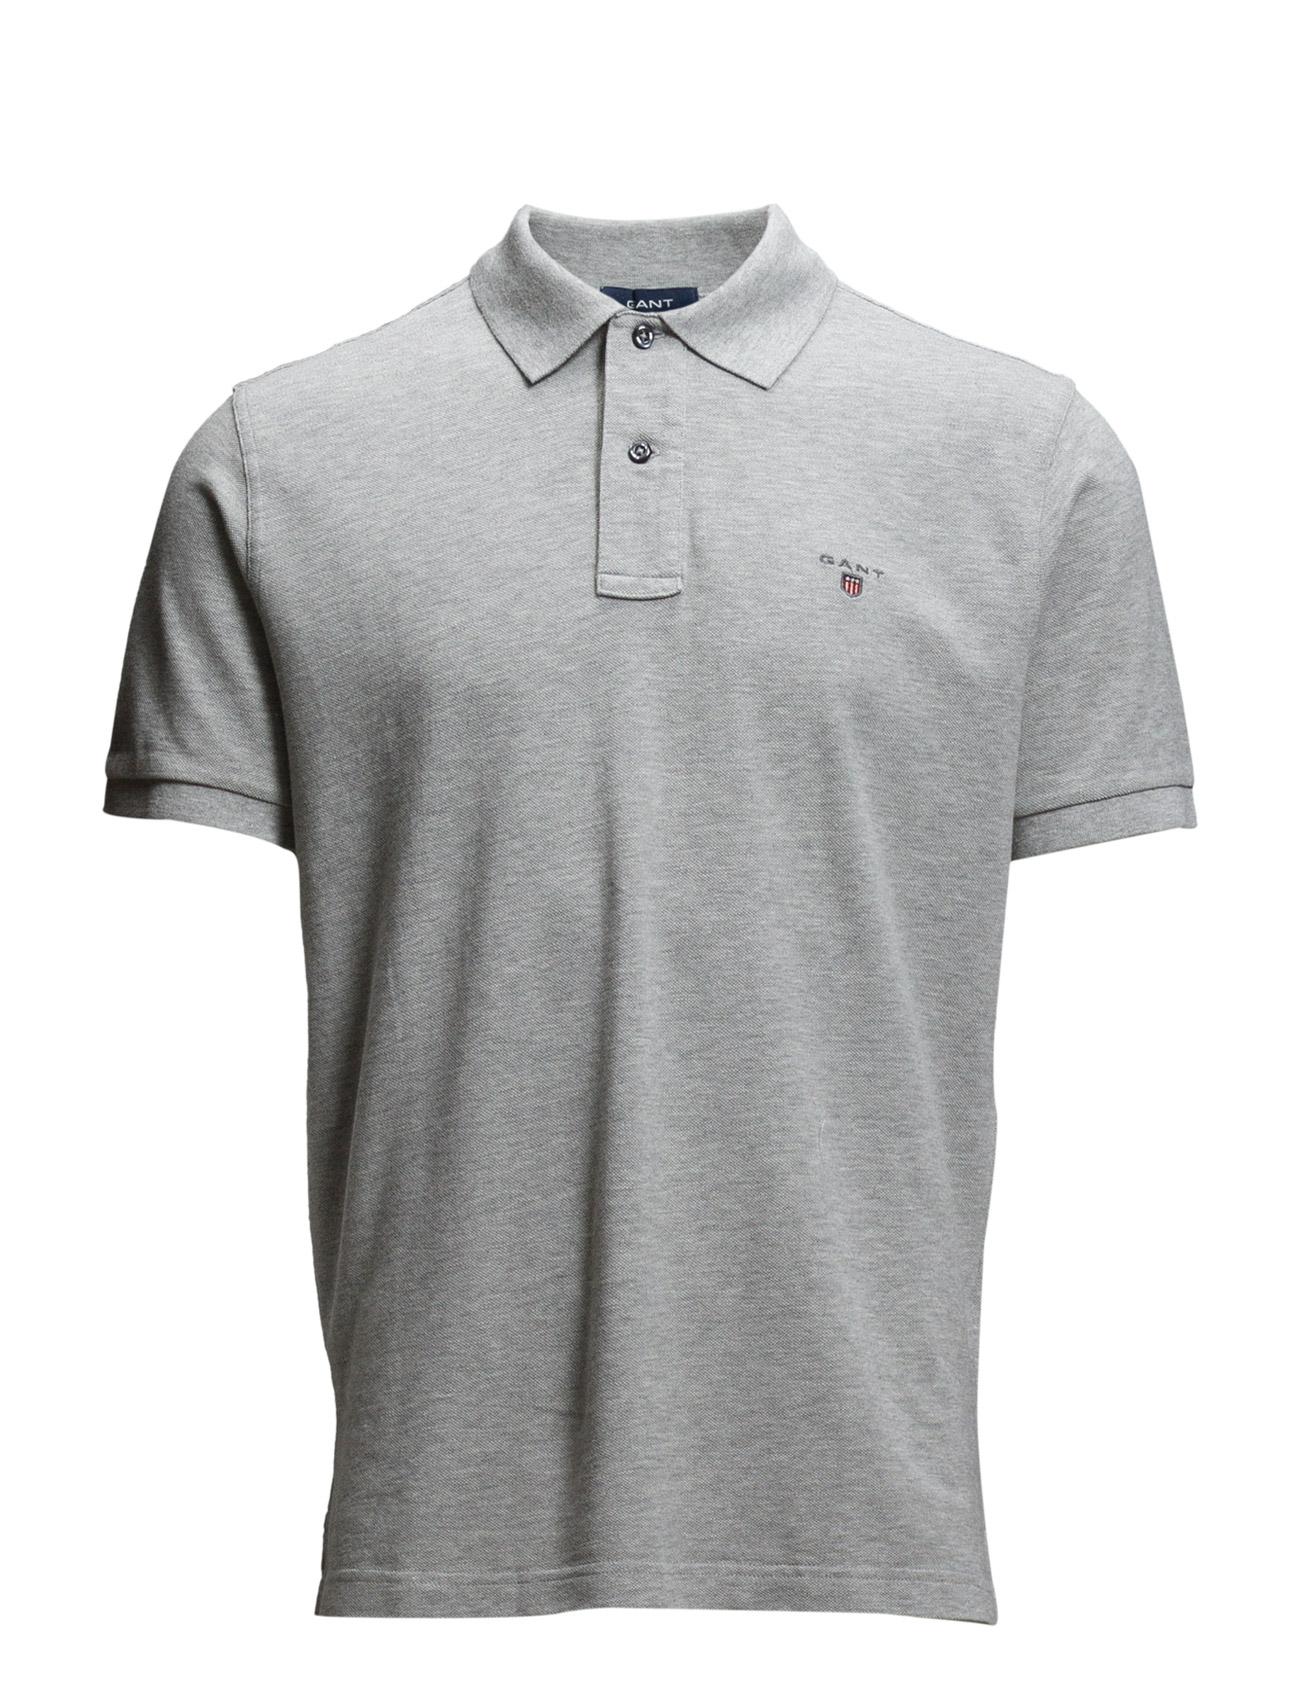 Solid Pique Ss Rugger GANT Kortærmede polo t-shirts til Mænd i Sort